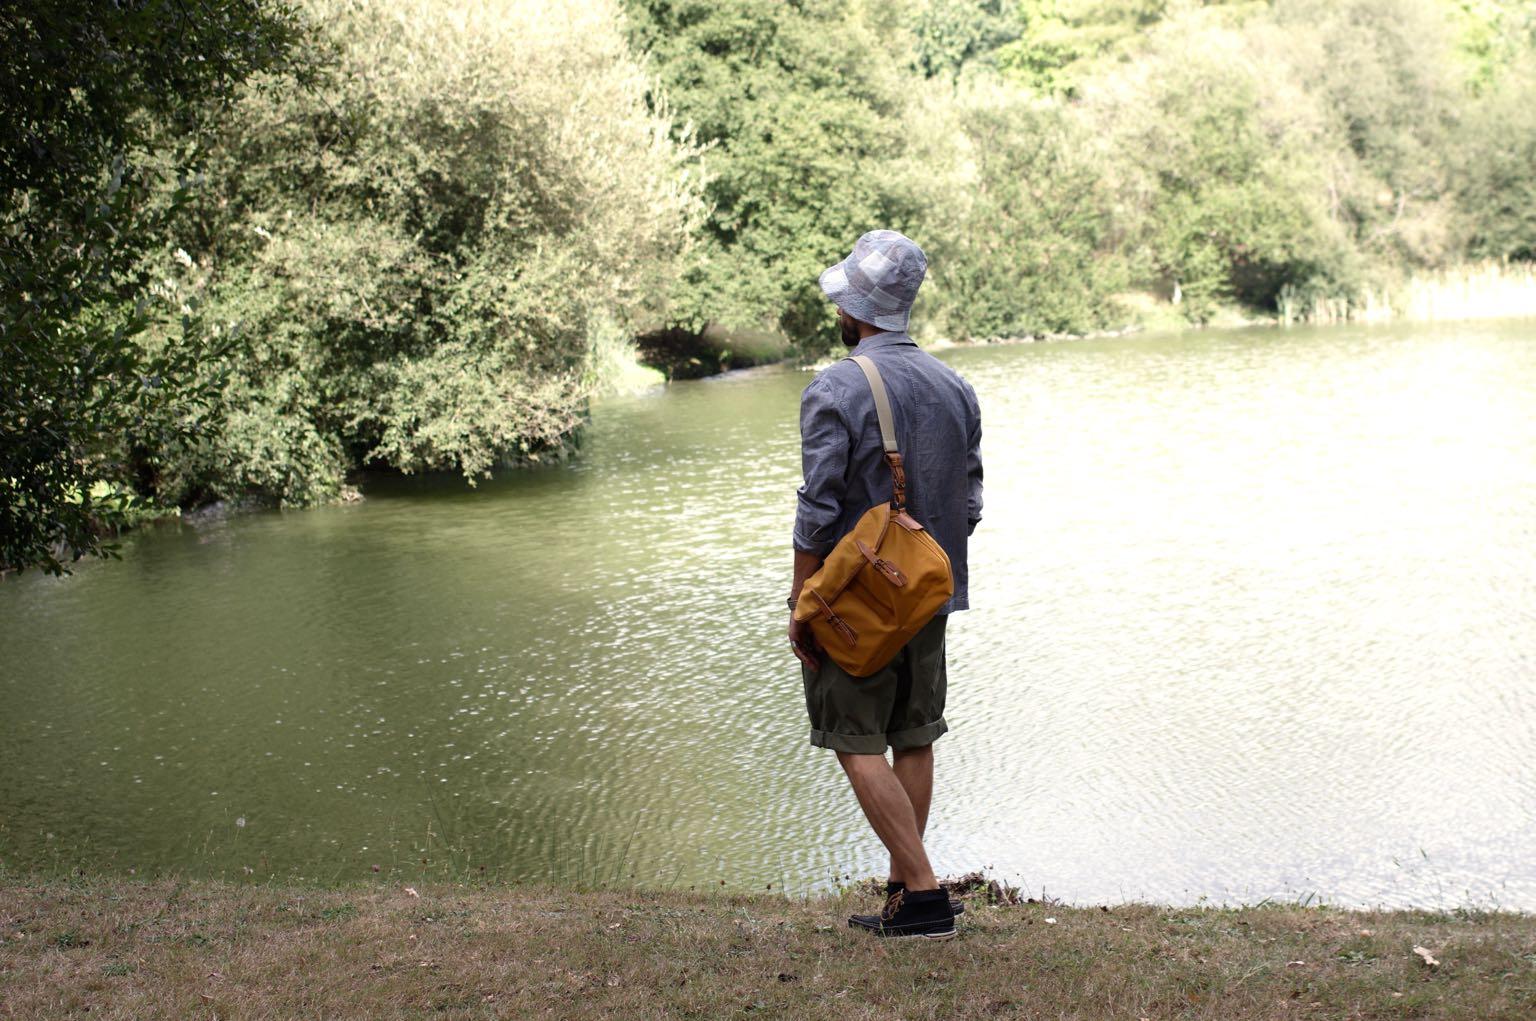 Bleu de chauffe et idée de sac workwear pour homme - musette du pêcheur